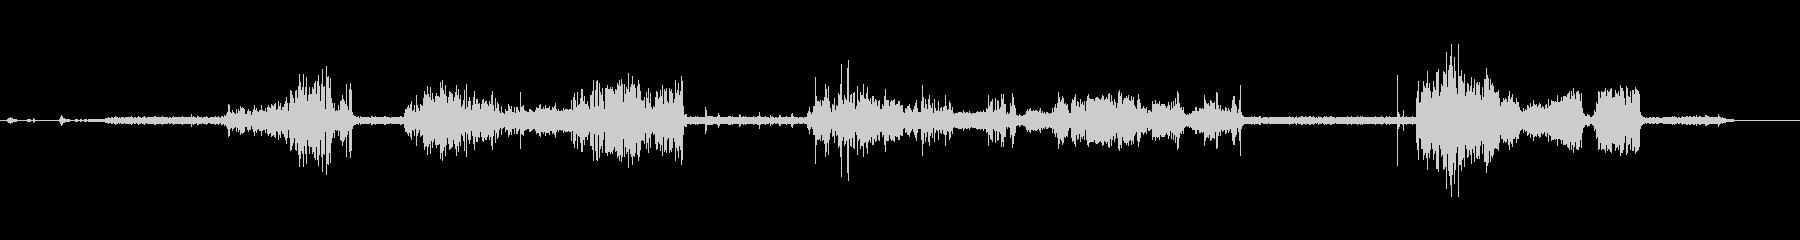 バンドソー、ツール; DIGIFF...の未再生の波形